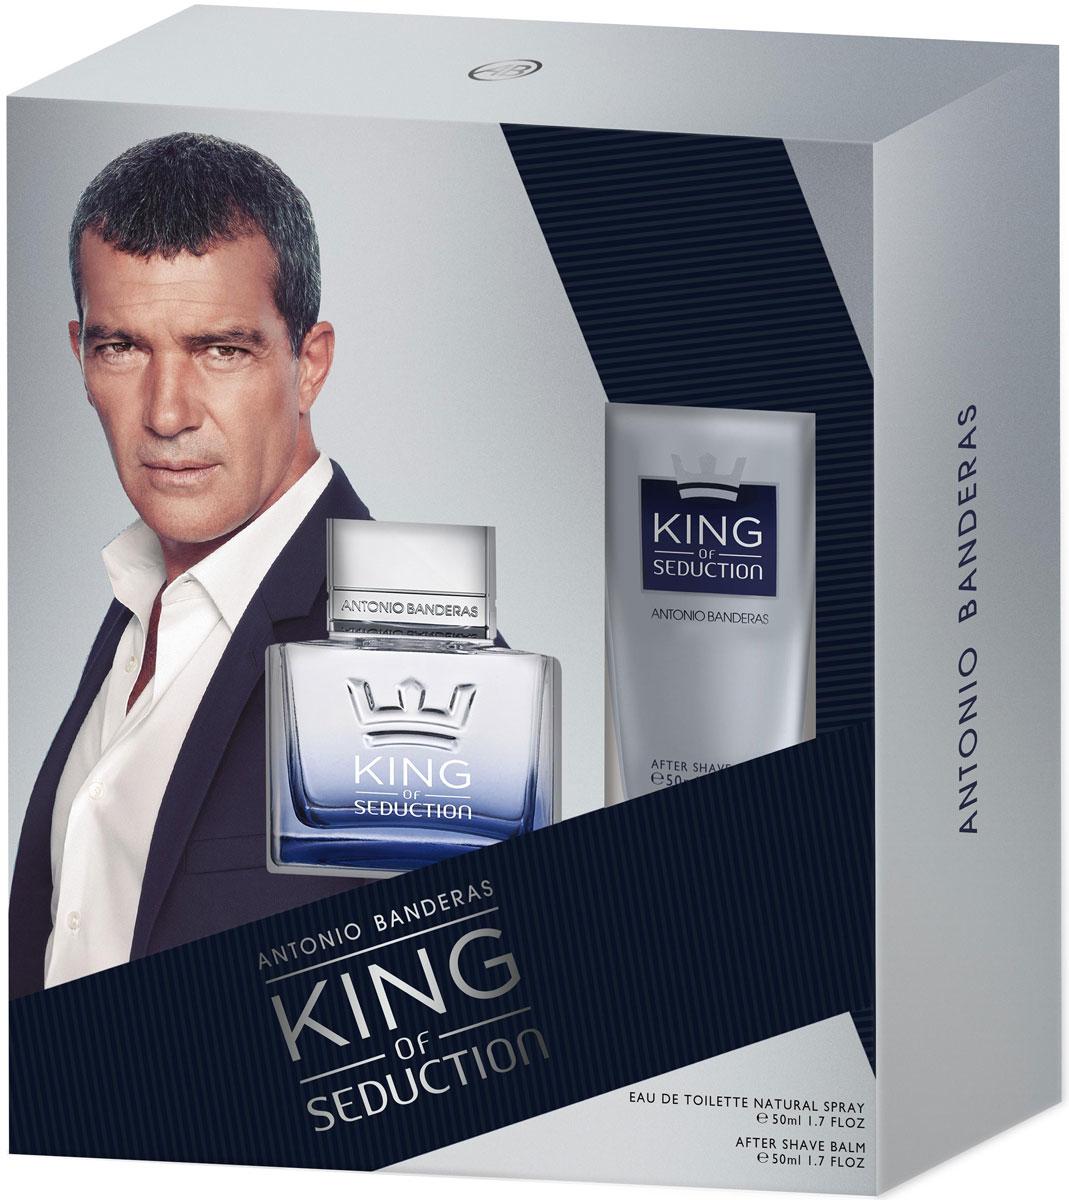 candino seduction c4436 2 Antonio Banderas Парфюмерный набор King Of Seduction: туалетная вода, бальзам после бритья, 2 х 50 мл